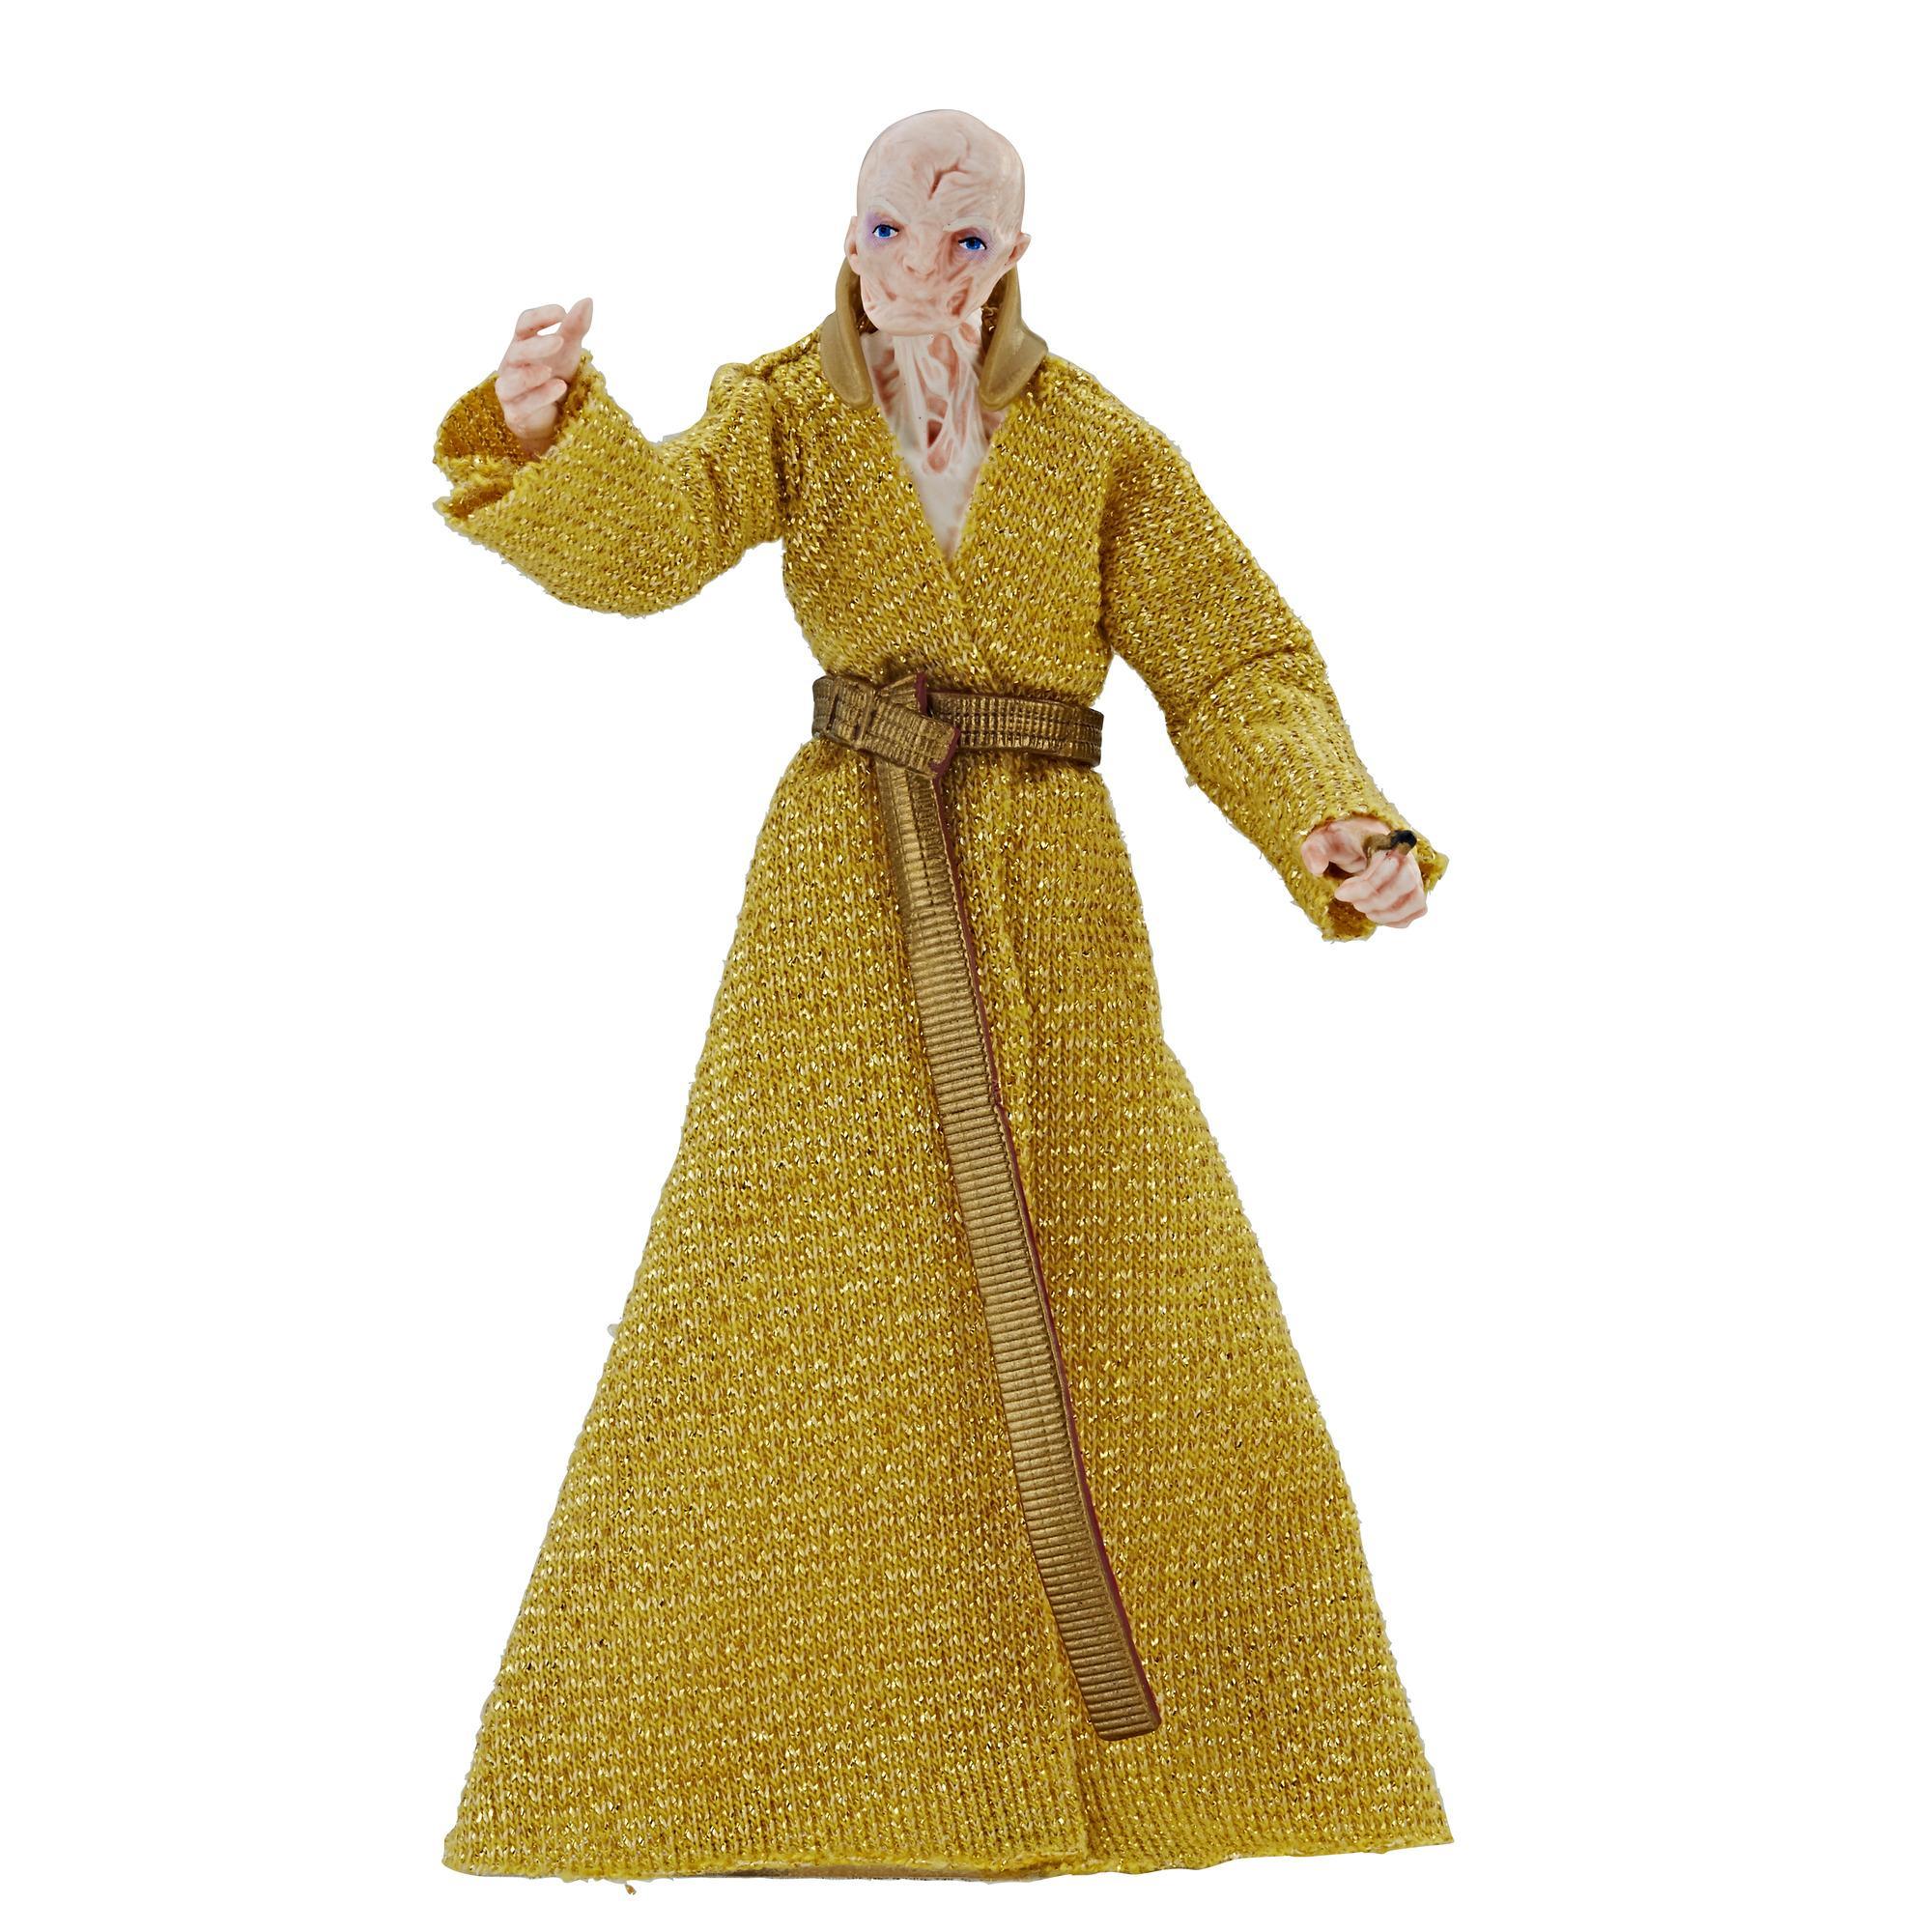 Star Wars La colección Vintage - Figura de Líder Supremo Snoke de 9,5 cm